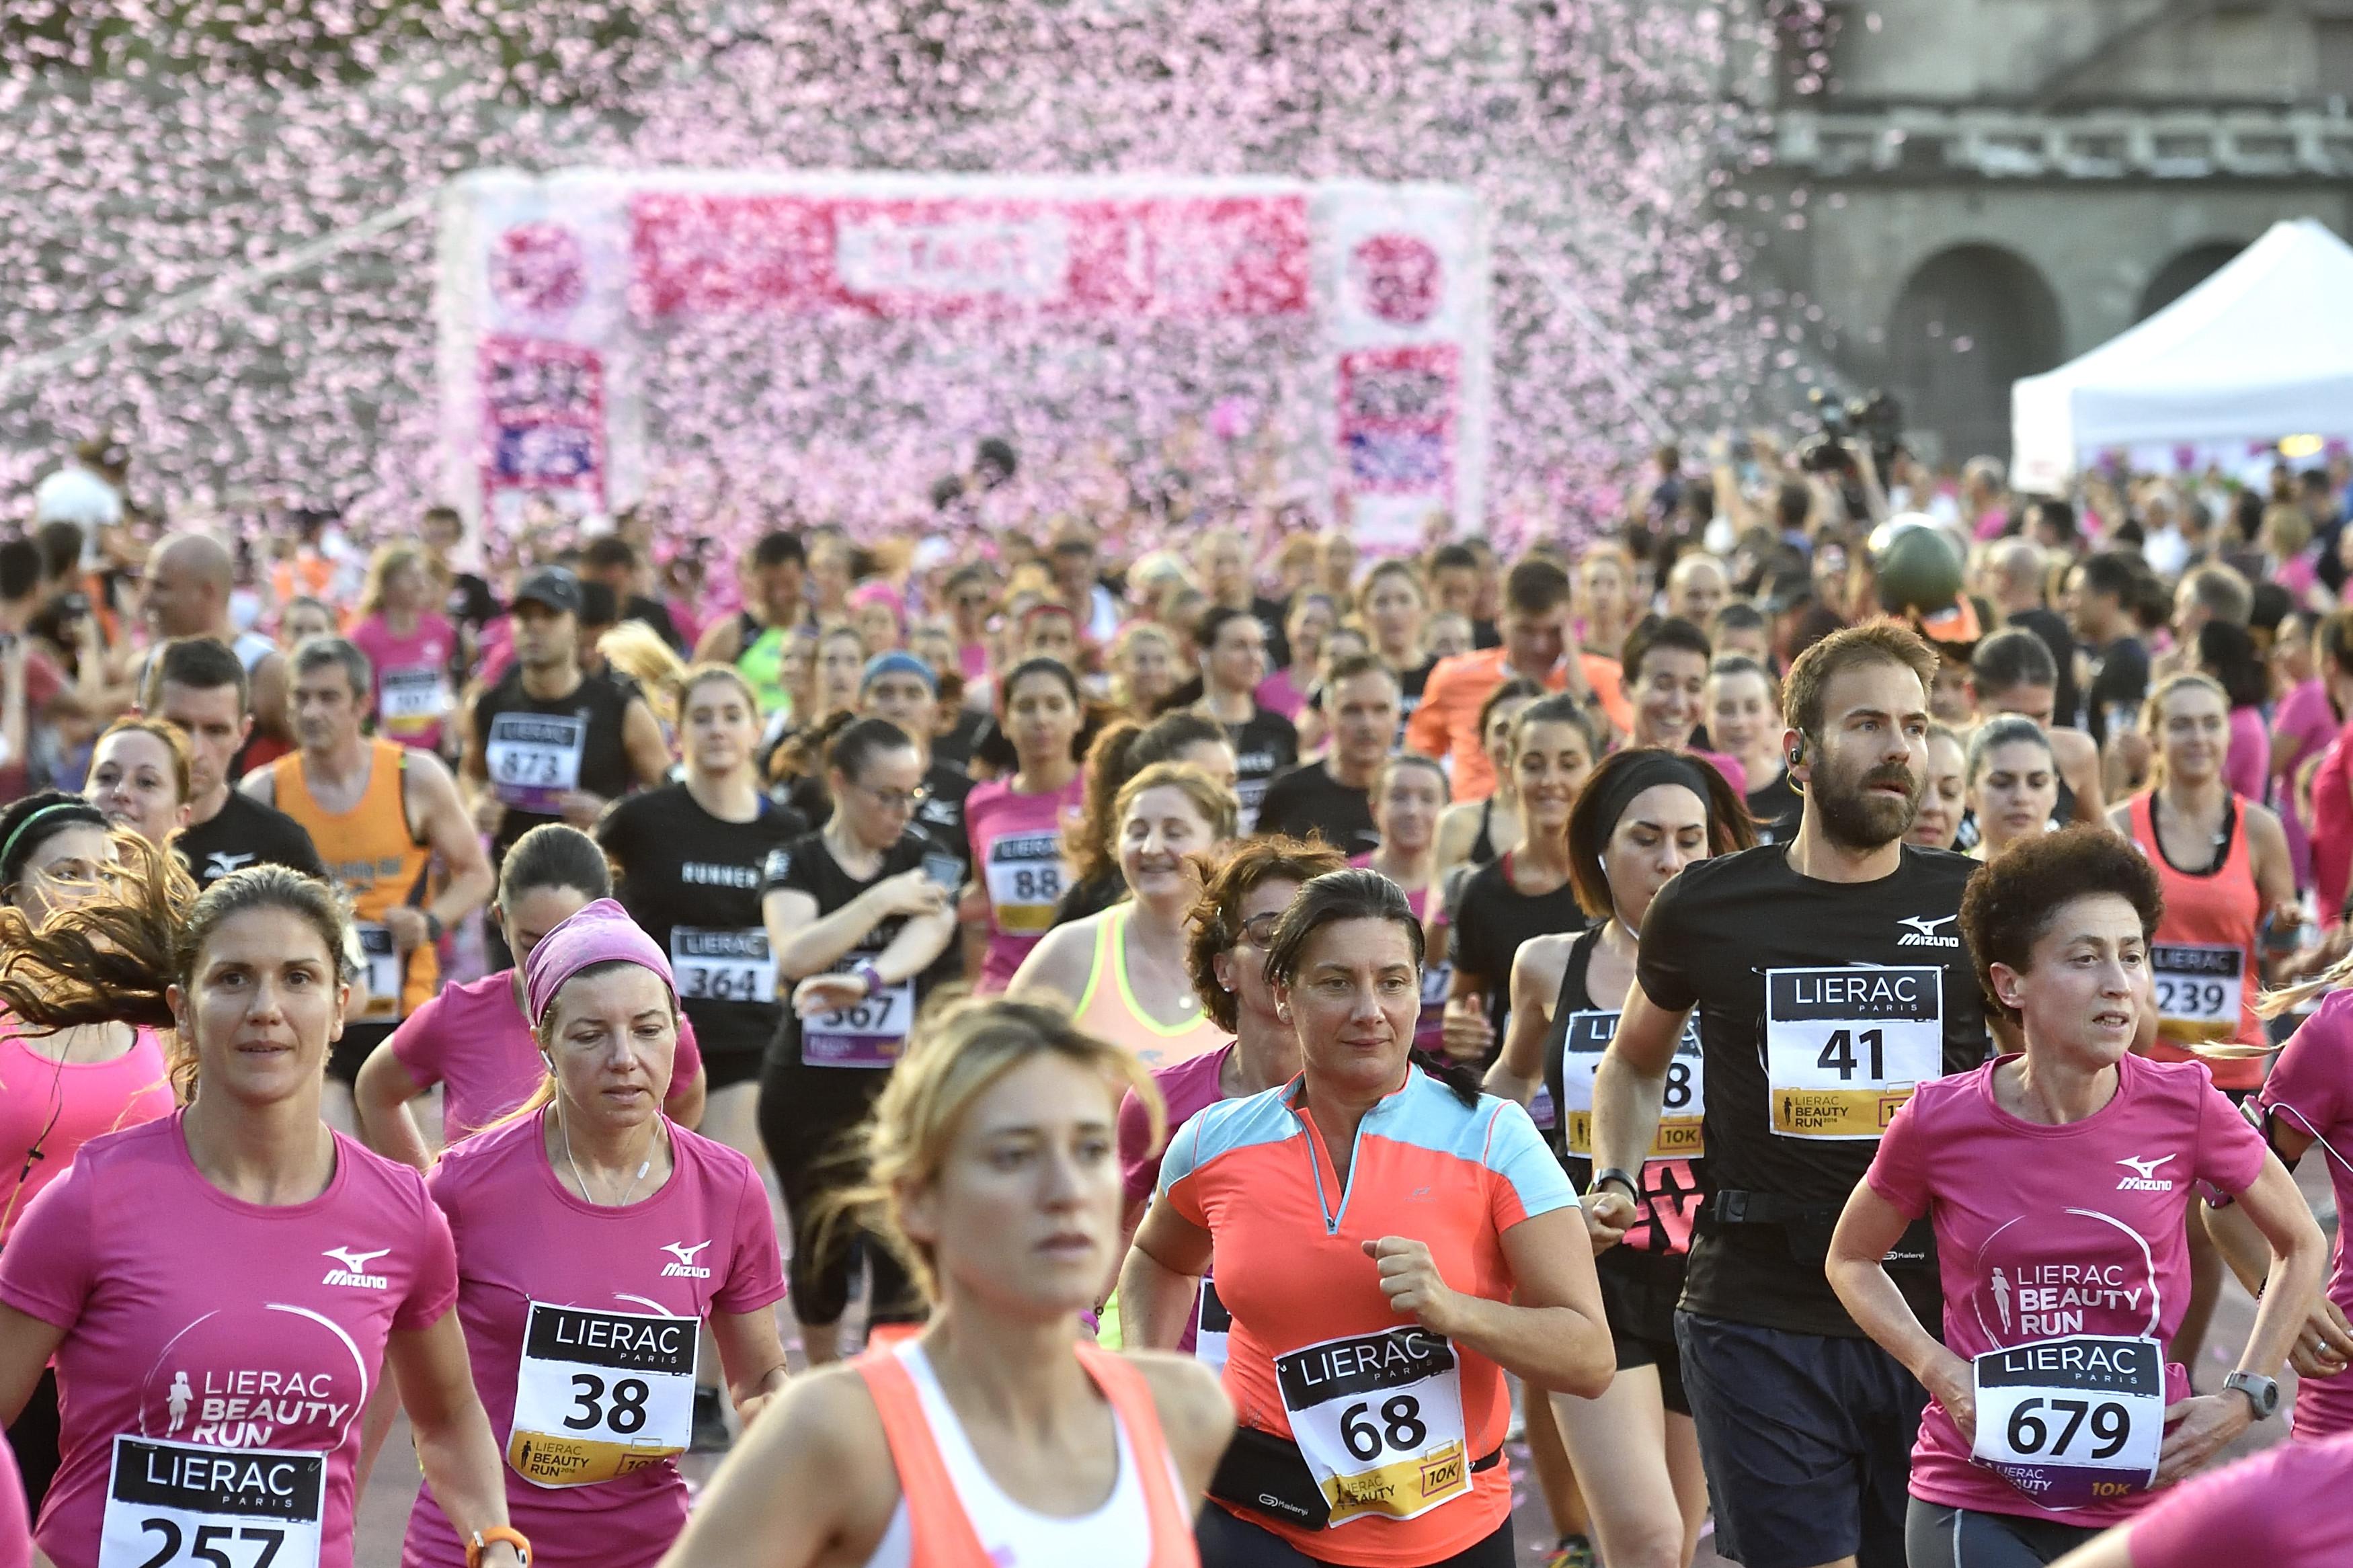 Lierac Beauty Run, la corsa dedicata alle donne. Milano, 25 Giugno 2016. ANSA/FLAVIO LO SCALZO